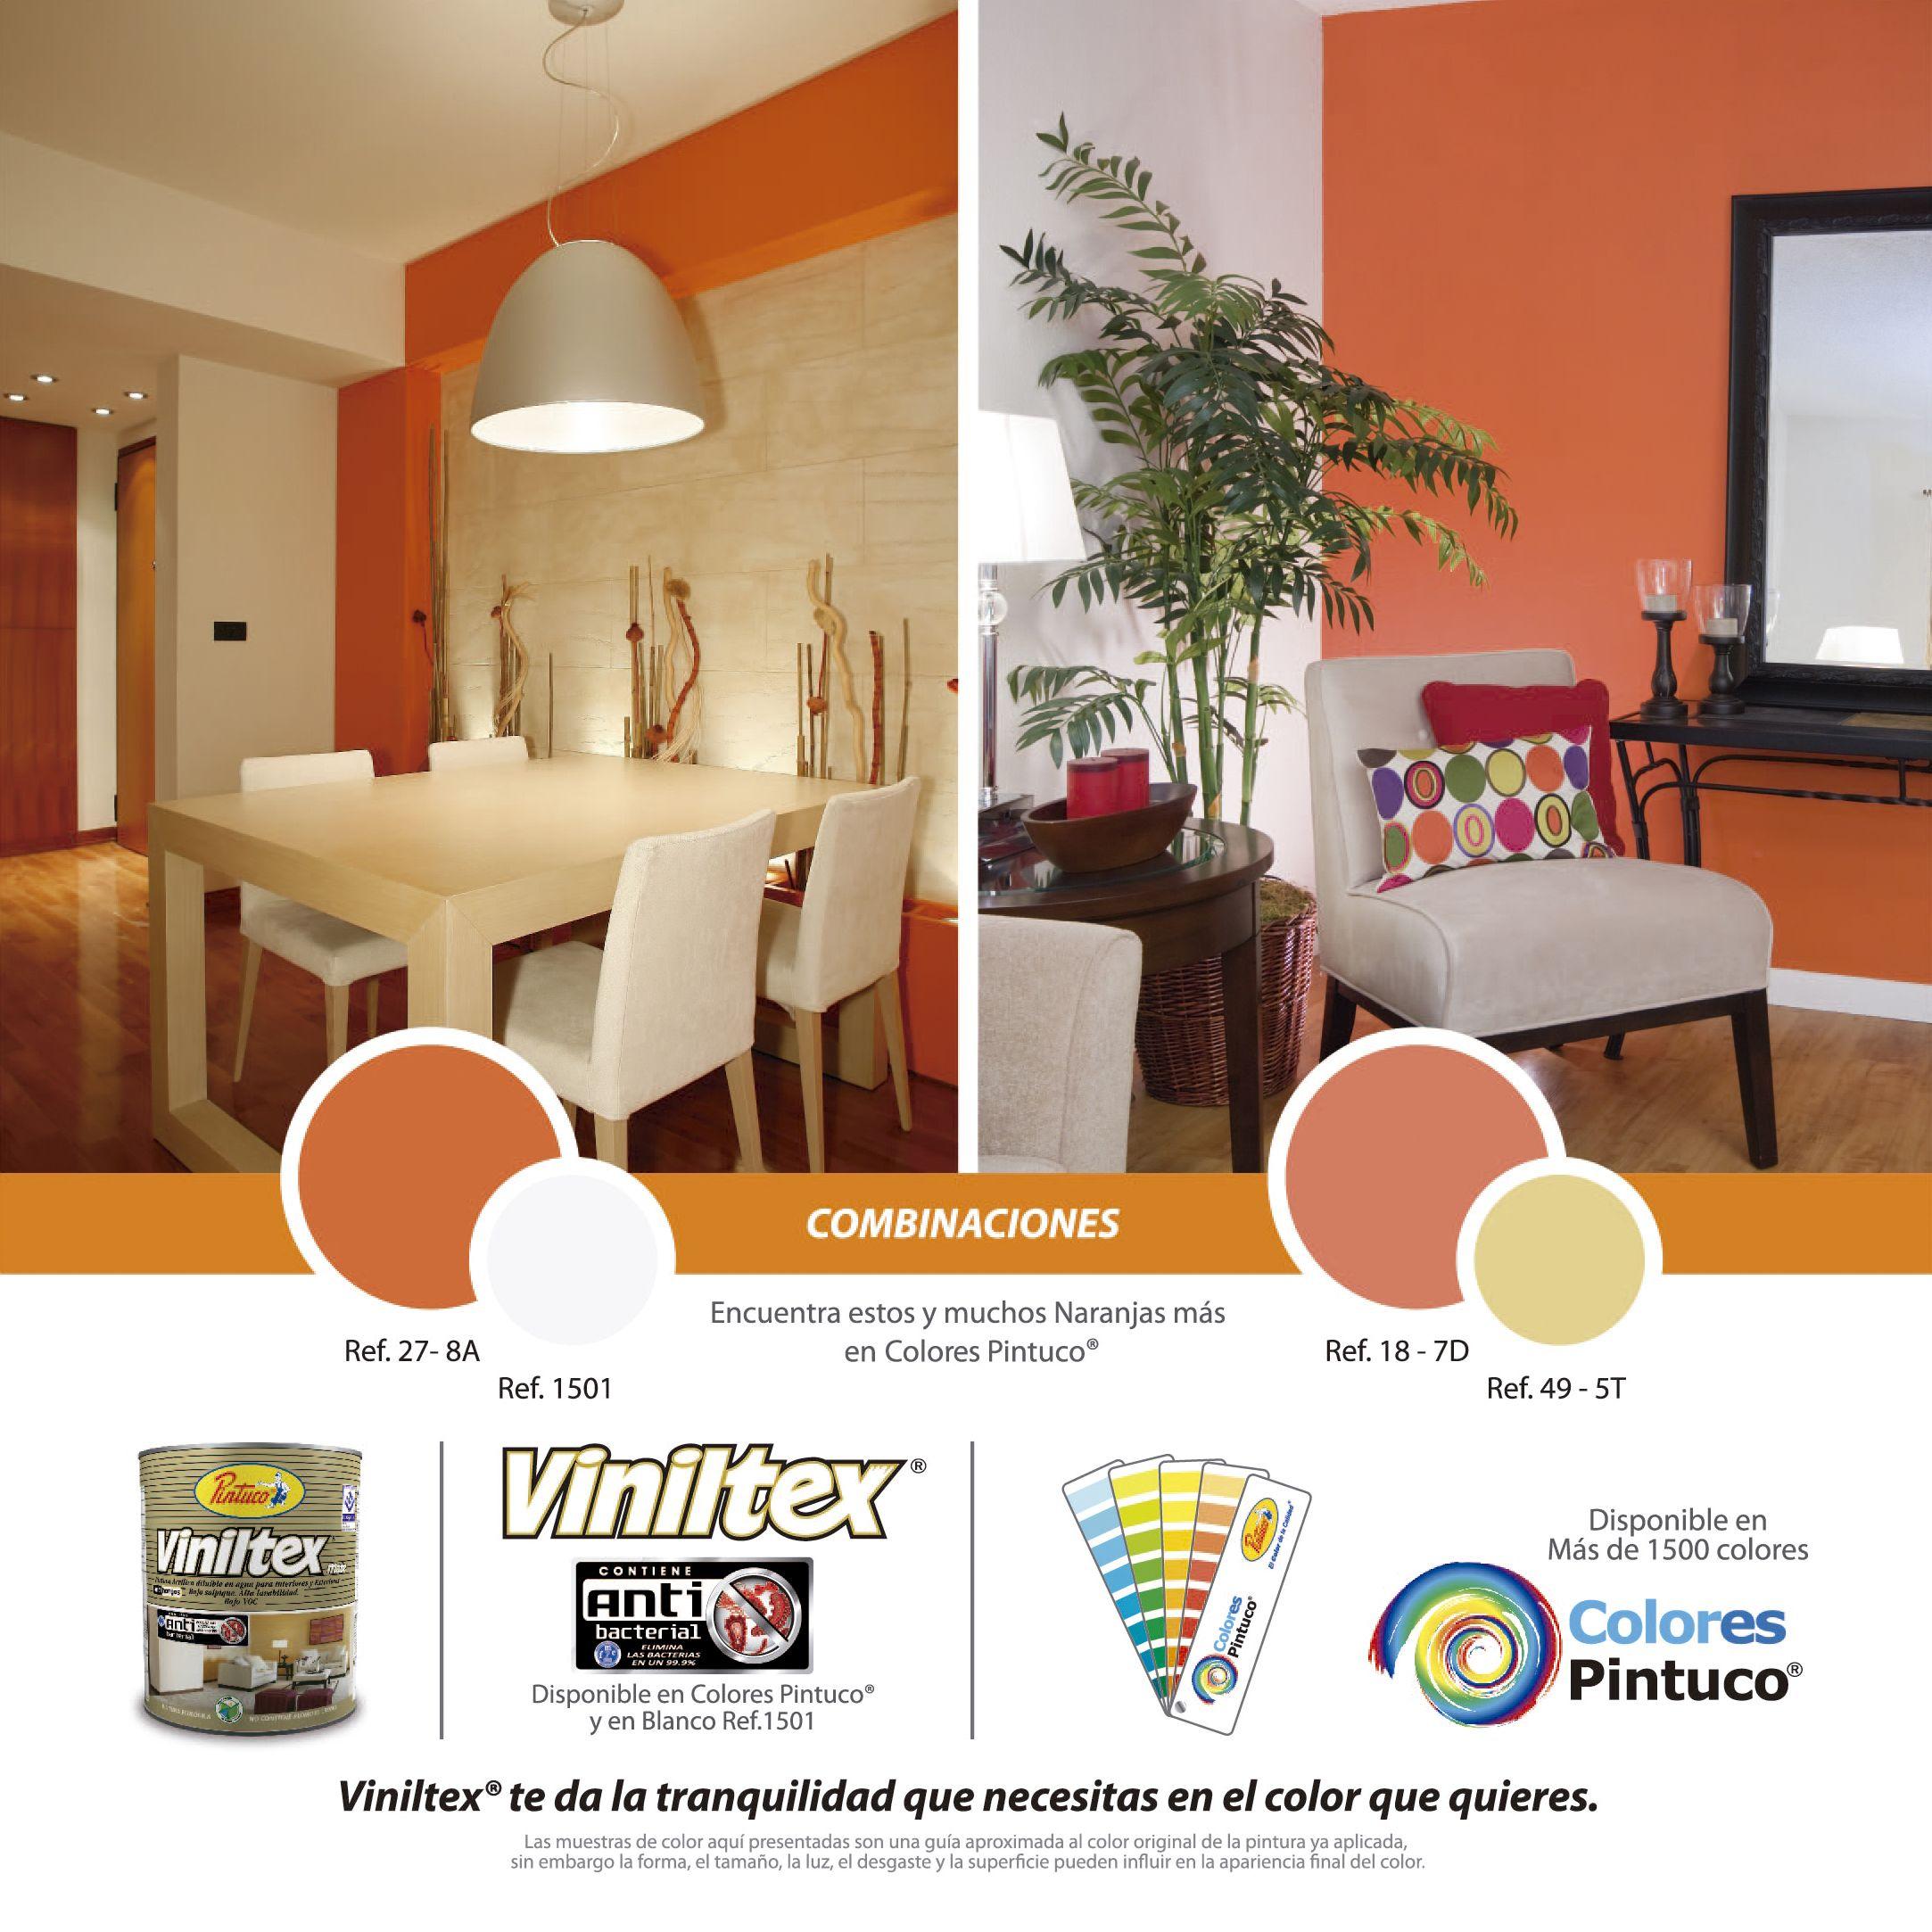 Combinaciones En Colores Naranja De Viniltex De Pintuco Colores De Pintura De Interior Interiores De Recamaras Decoracion De Interiores